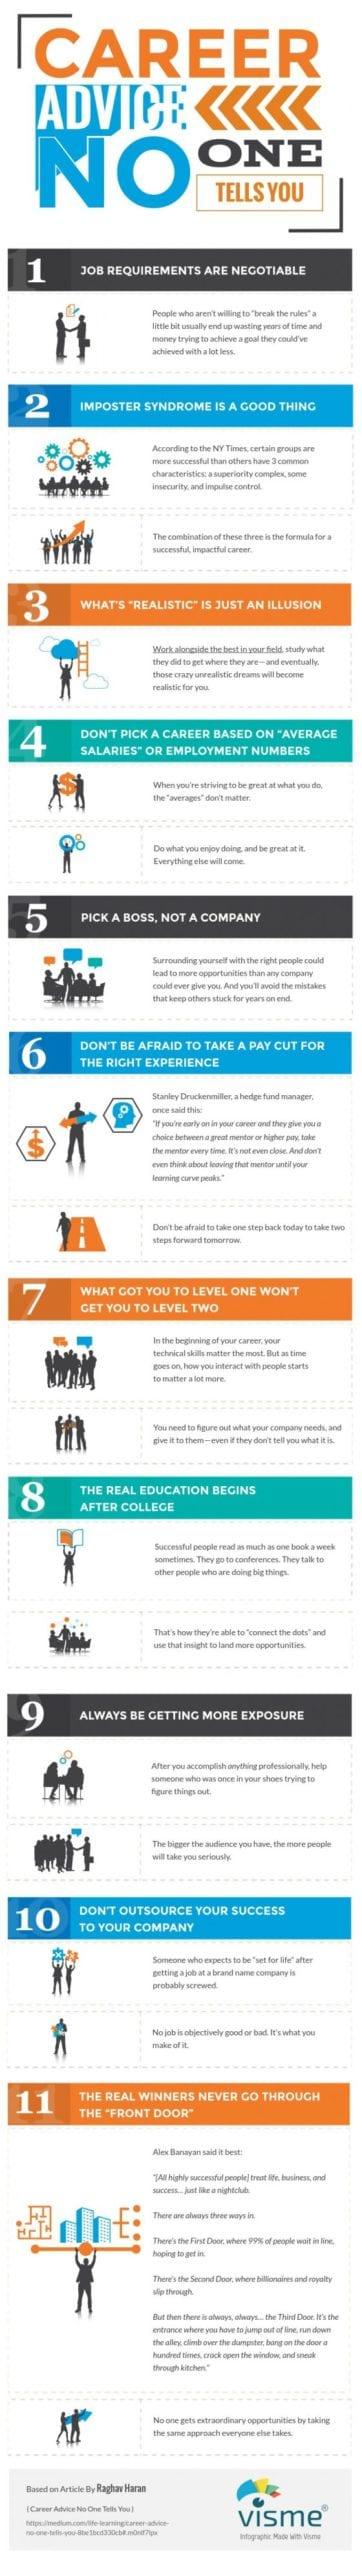 Healthcare IT Career Advice